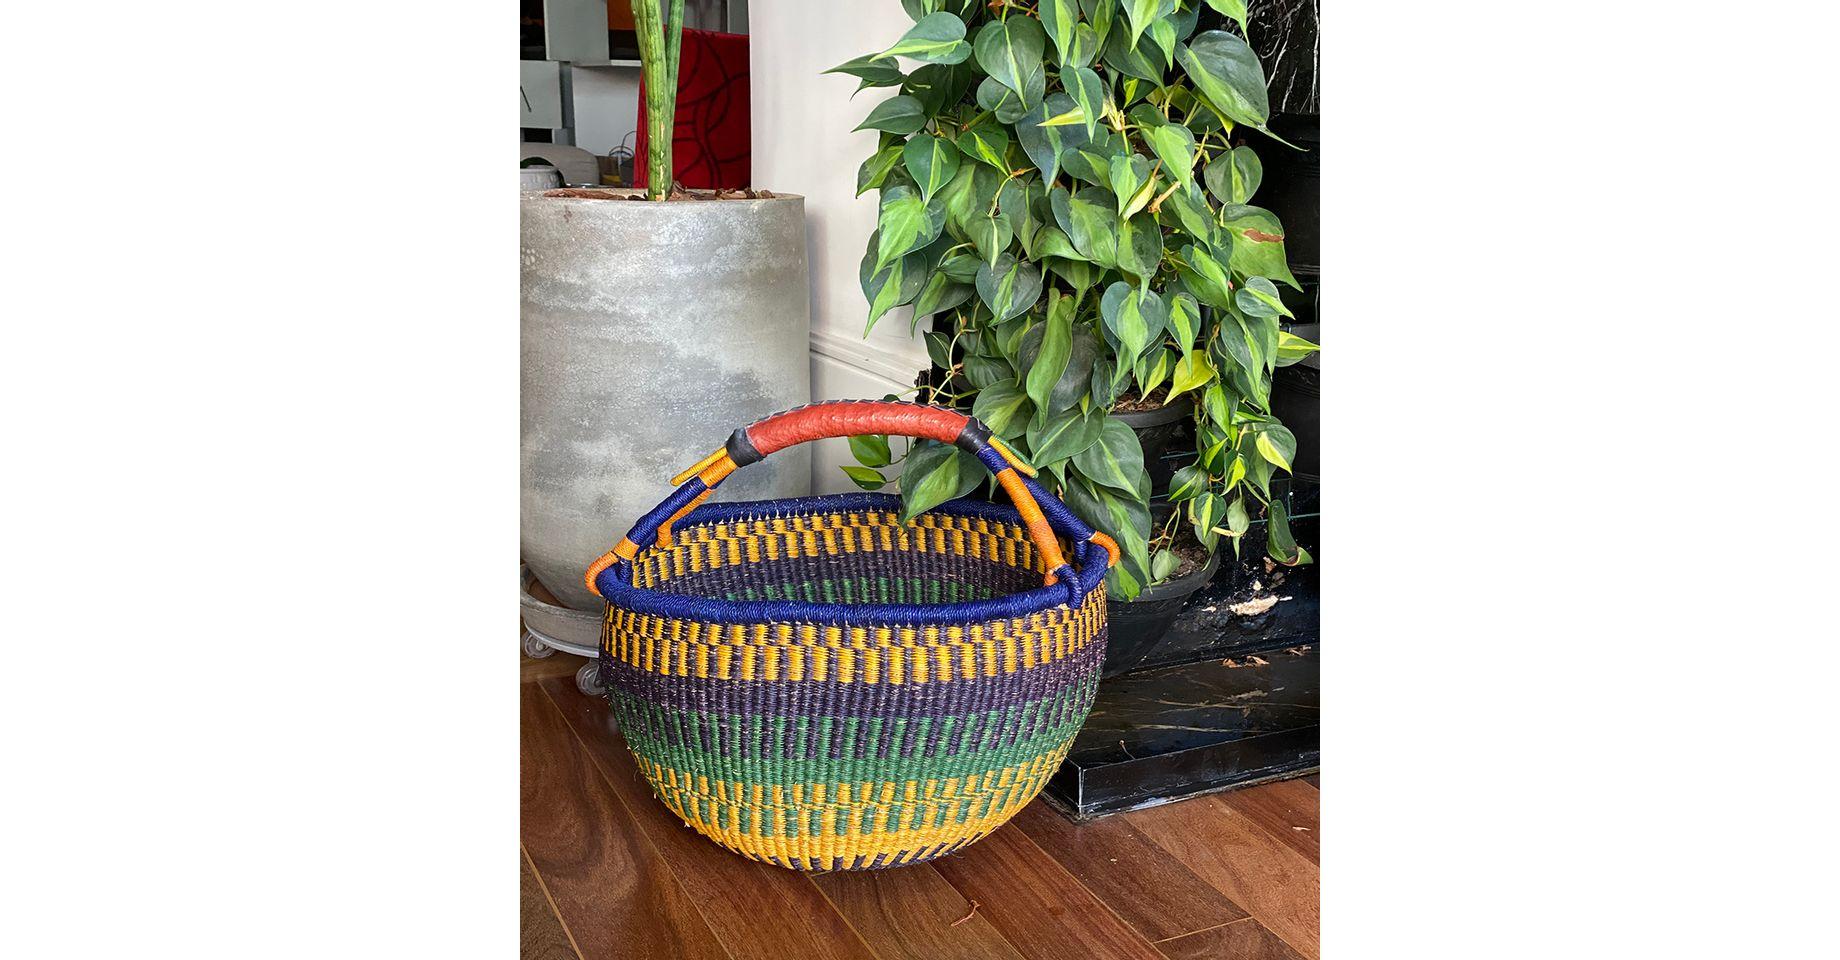 cesto-de-palha-round-basket-Sq002_2